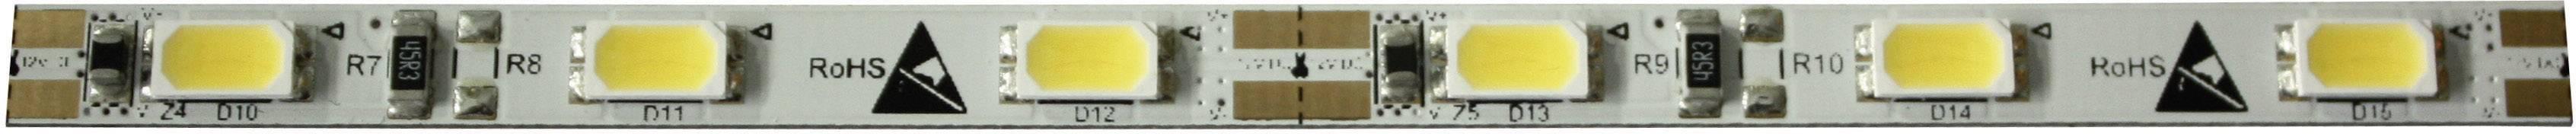 LED pásik Barthelme 50025634 50025634, 12 V, neutrálne biela, 25 cm